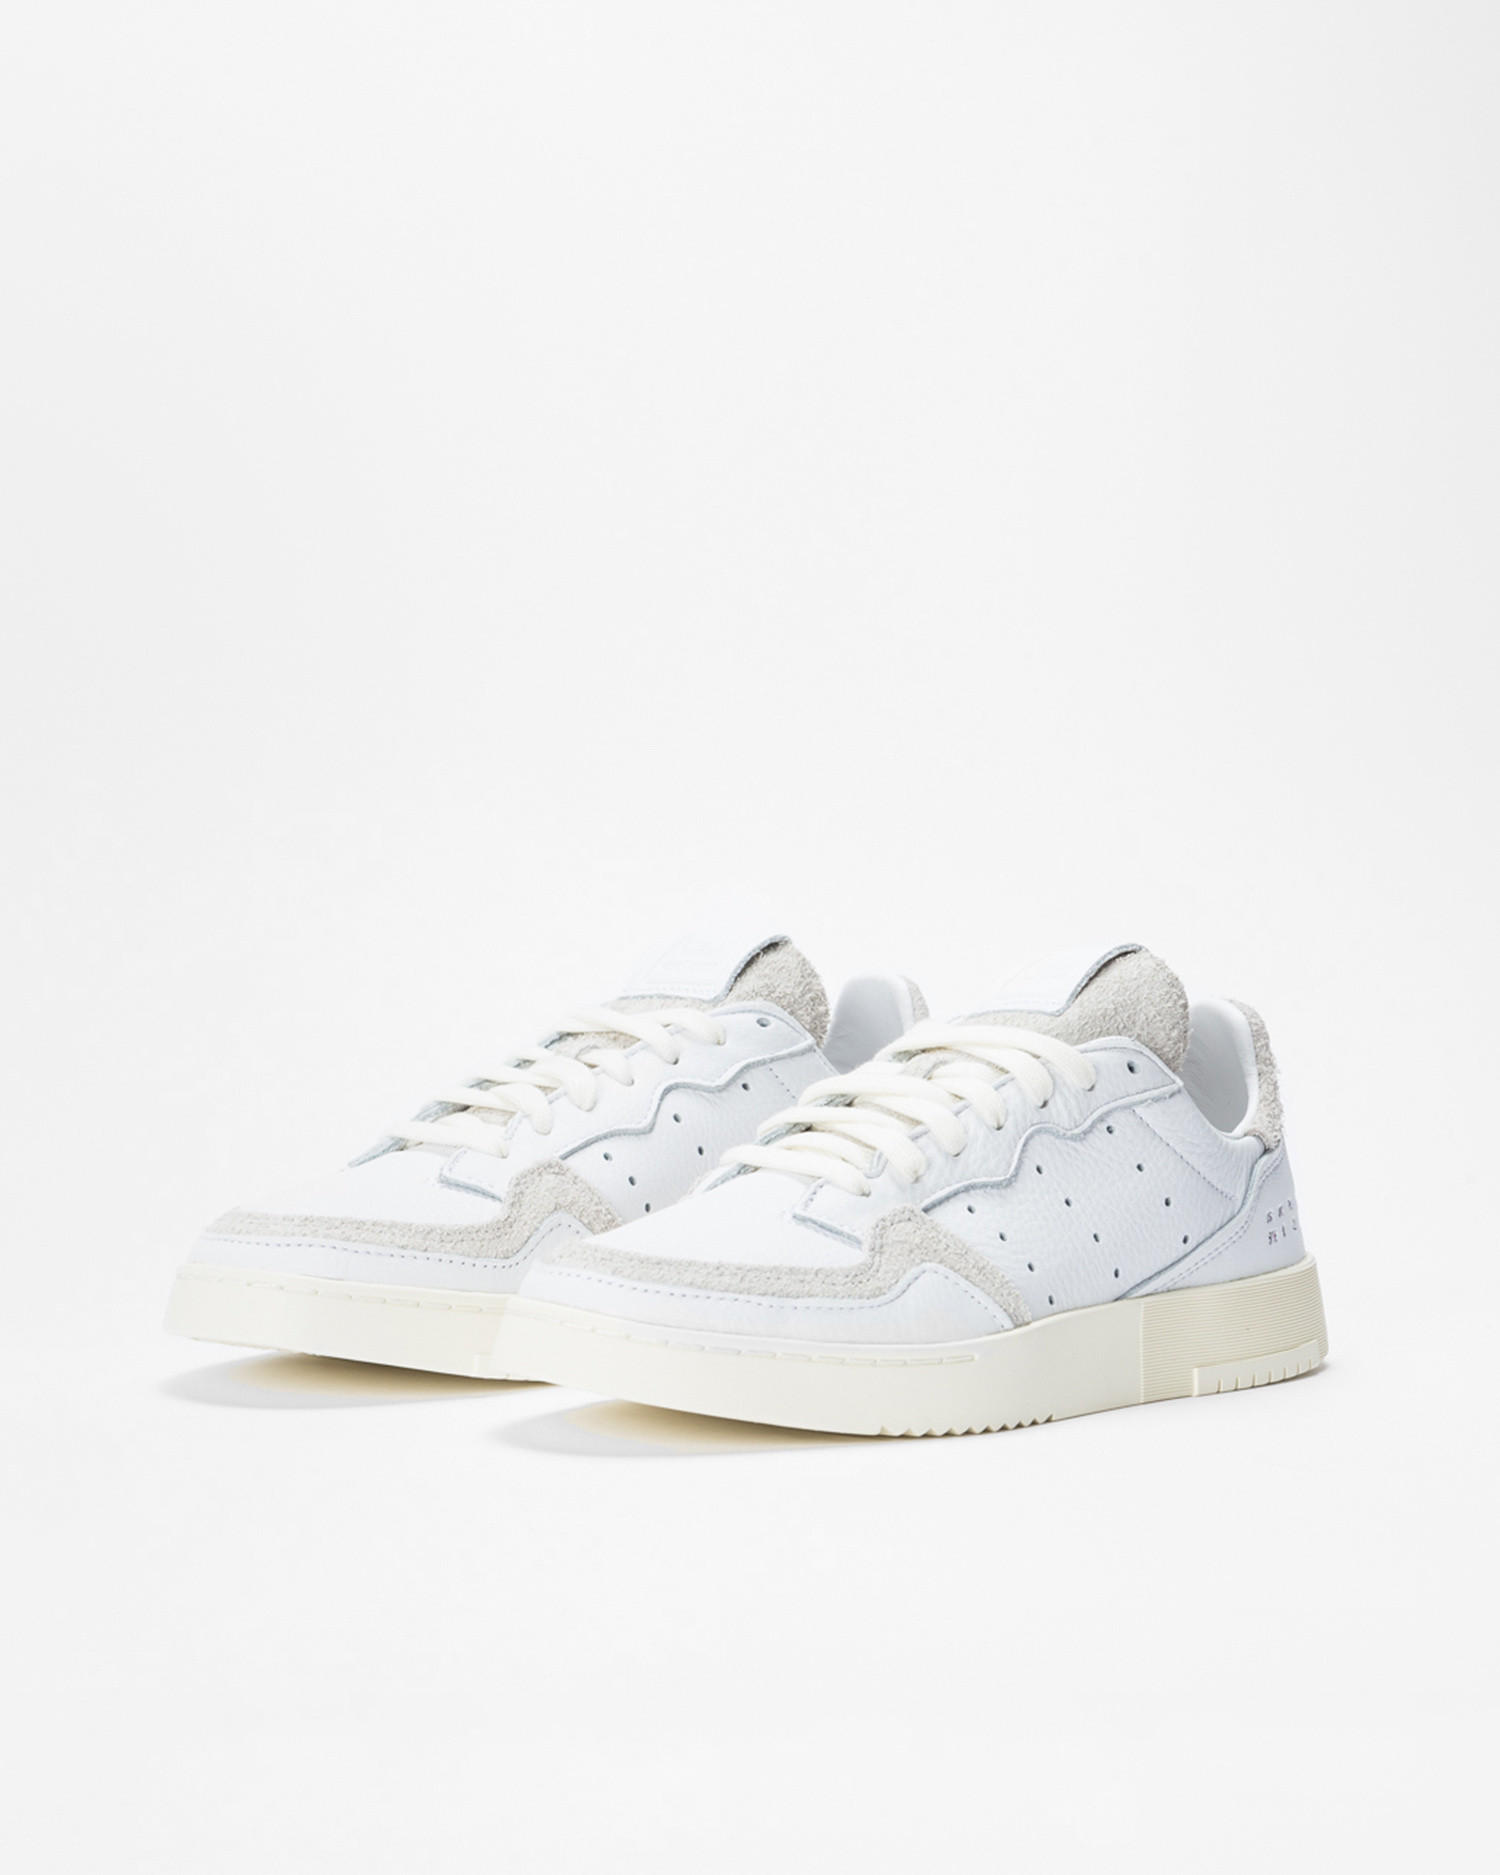 Adidas Supercourt Ftwwht/Crywwht